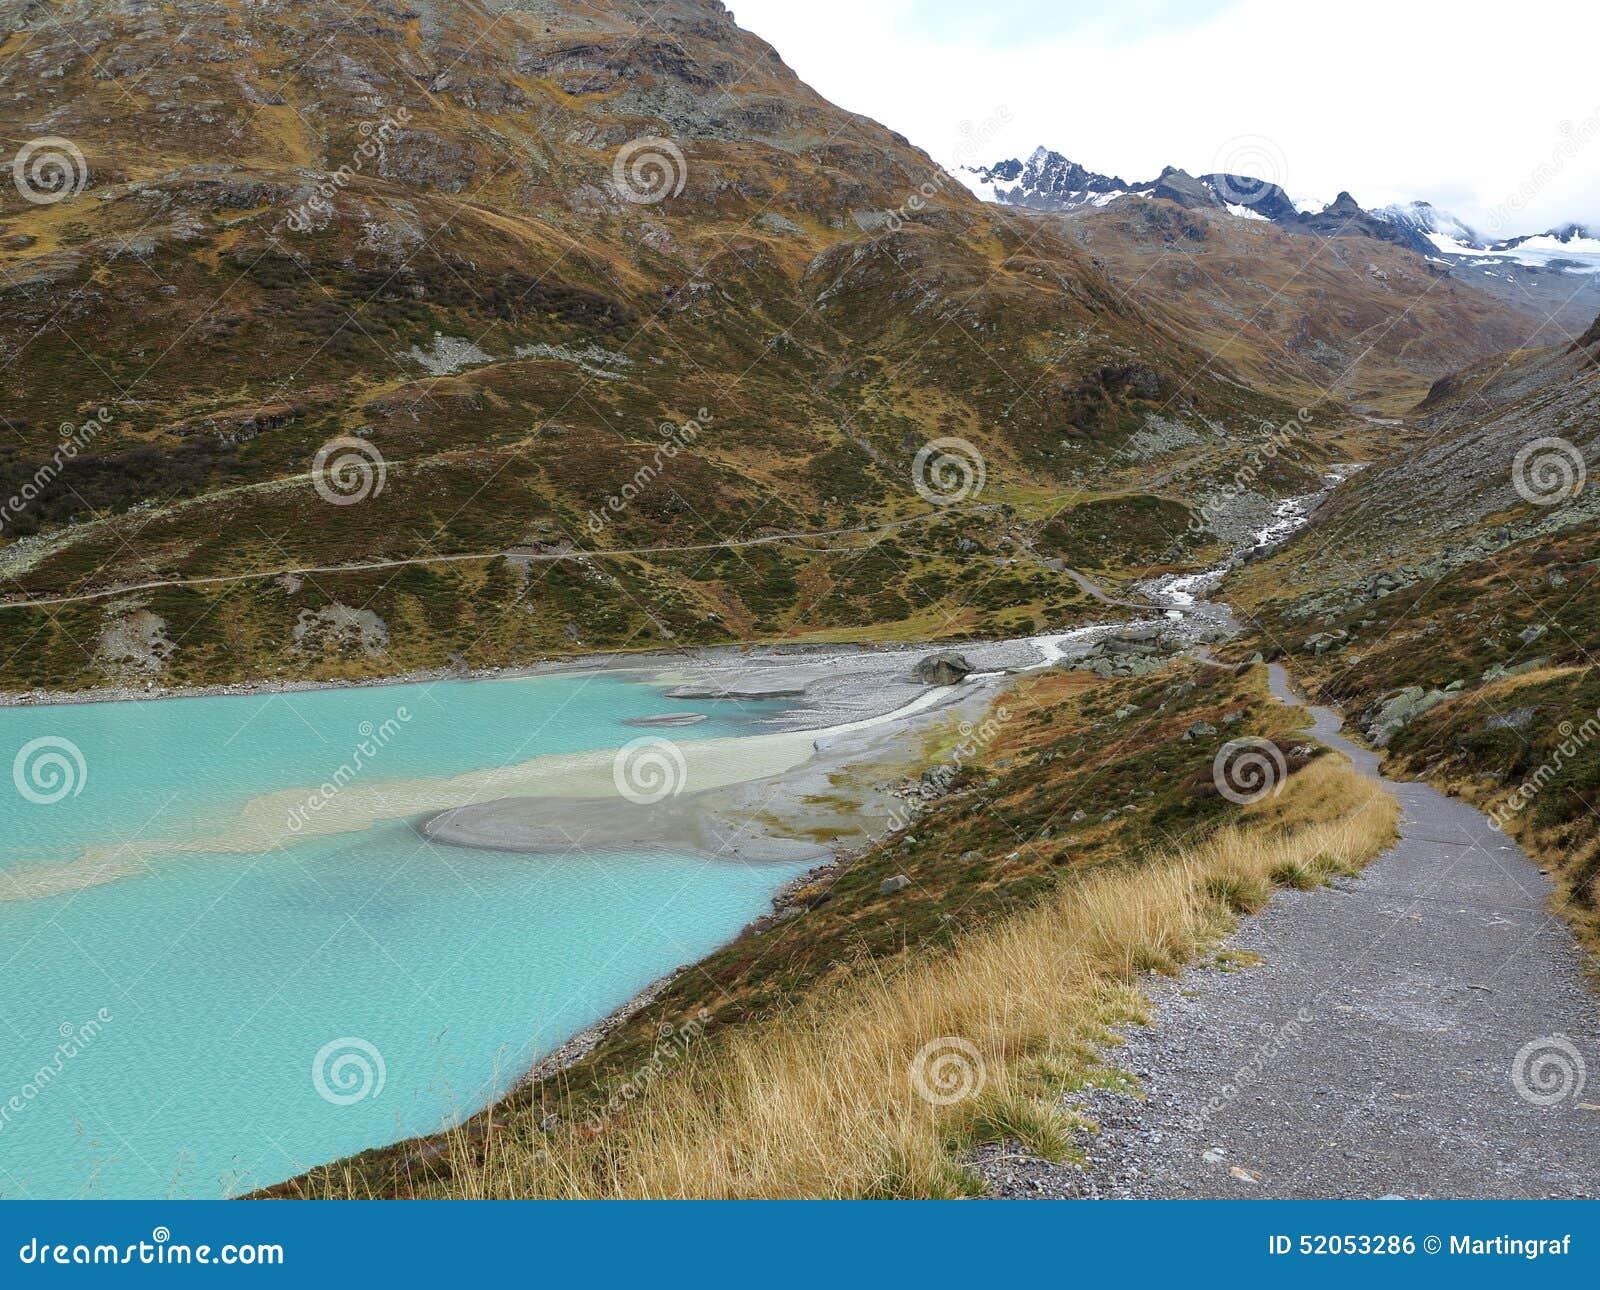 冰河在湖Silvretta的小河流入高山风景